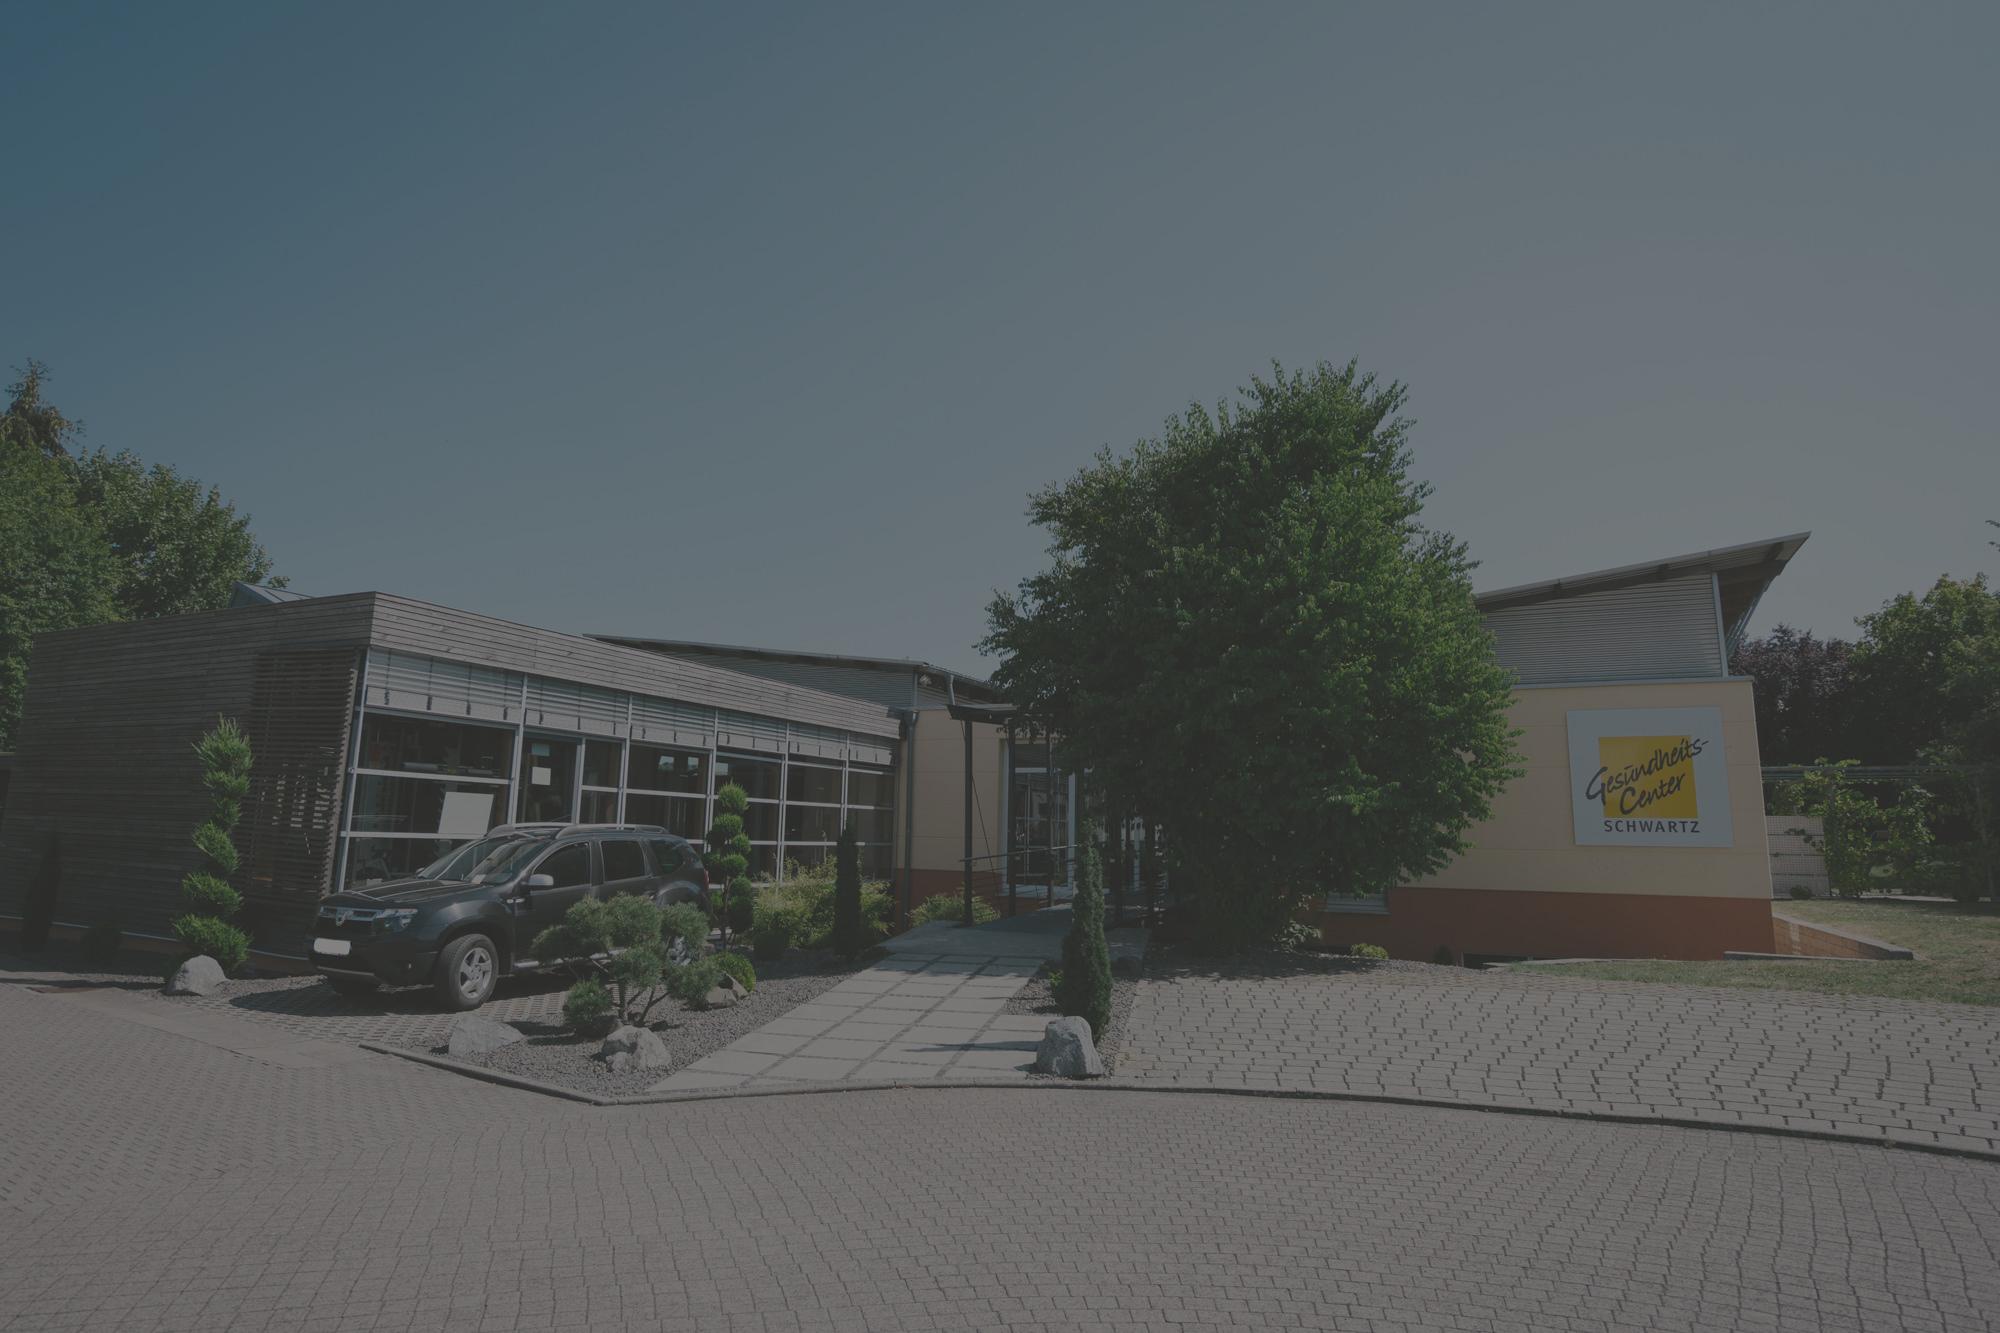 Gesundheits-Center Schwartz Firmengebäude dunkel hinterlegt Physiotherapie und Fitnessstudio in Blieskastel Webenheim